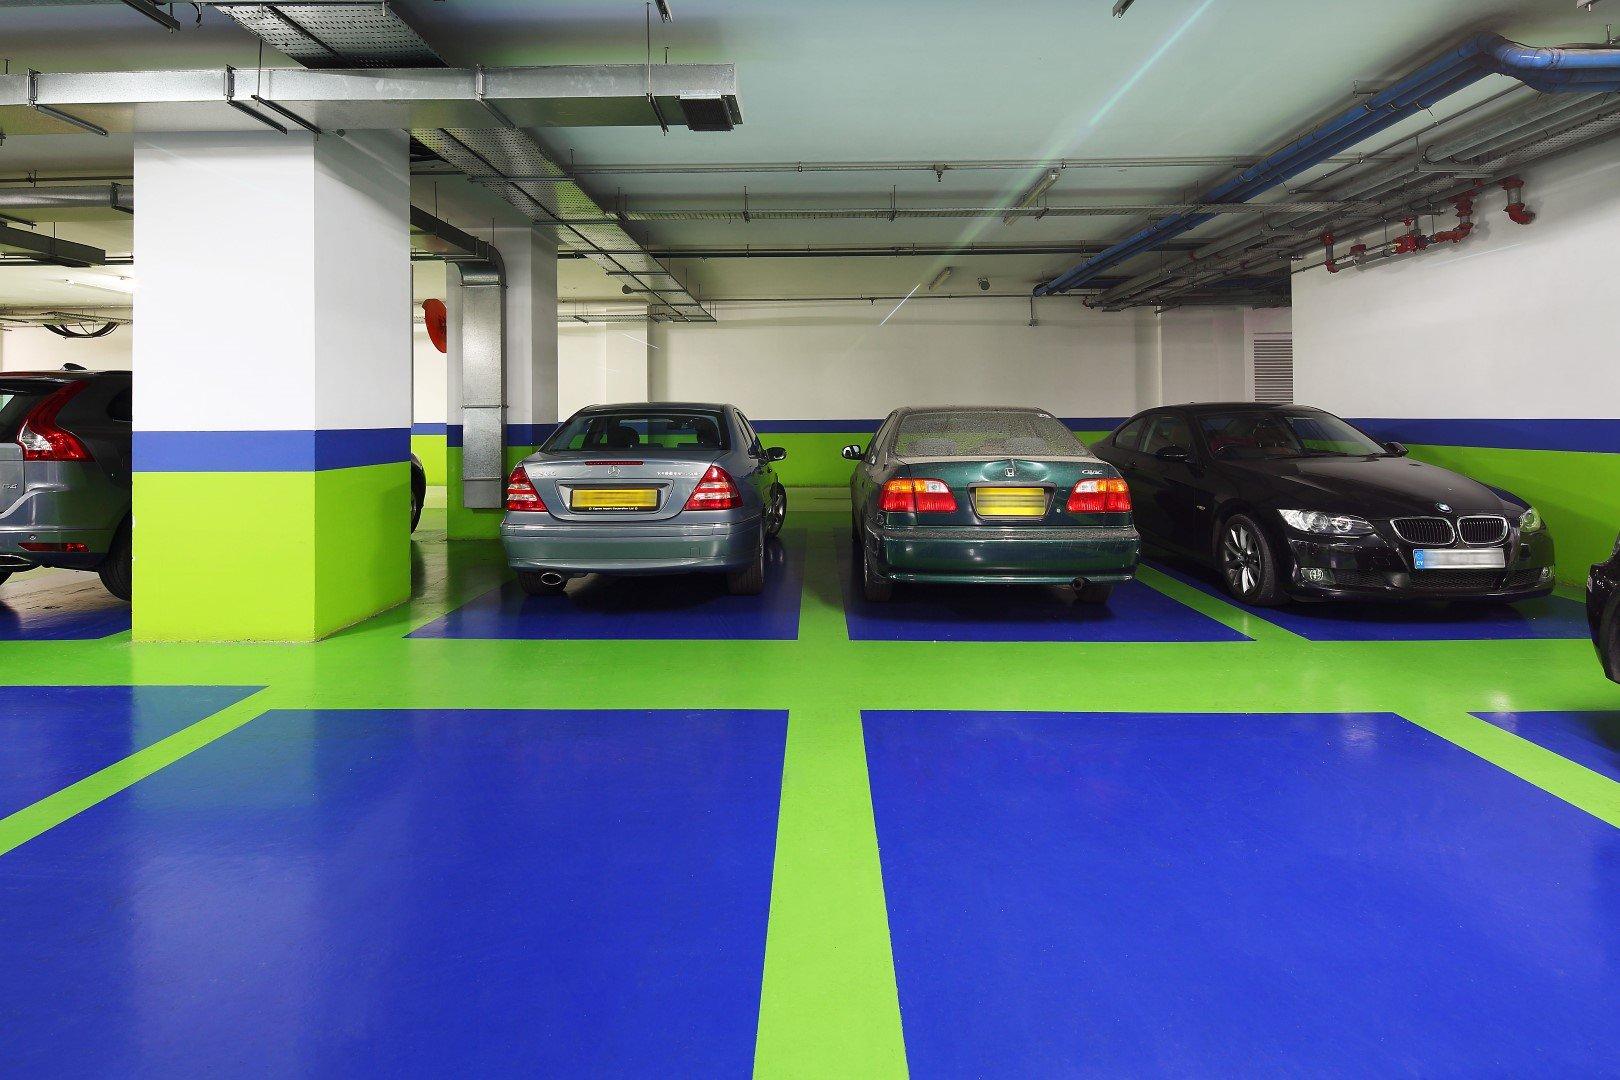 Έργο: Deloitte στη Λευκωσία  Αρχιτέκτονας: Seroff & Papadopoulos  Ημ. Εκτέλεσης:21/01/2010  Περιοχή: 2300 m2  Χρήση: Indoor parking lot  Προϊόν: UniPoxy Dynamic marking, UniPave